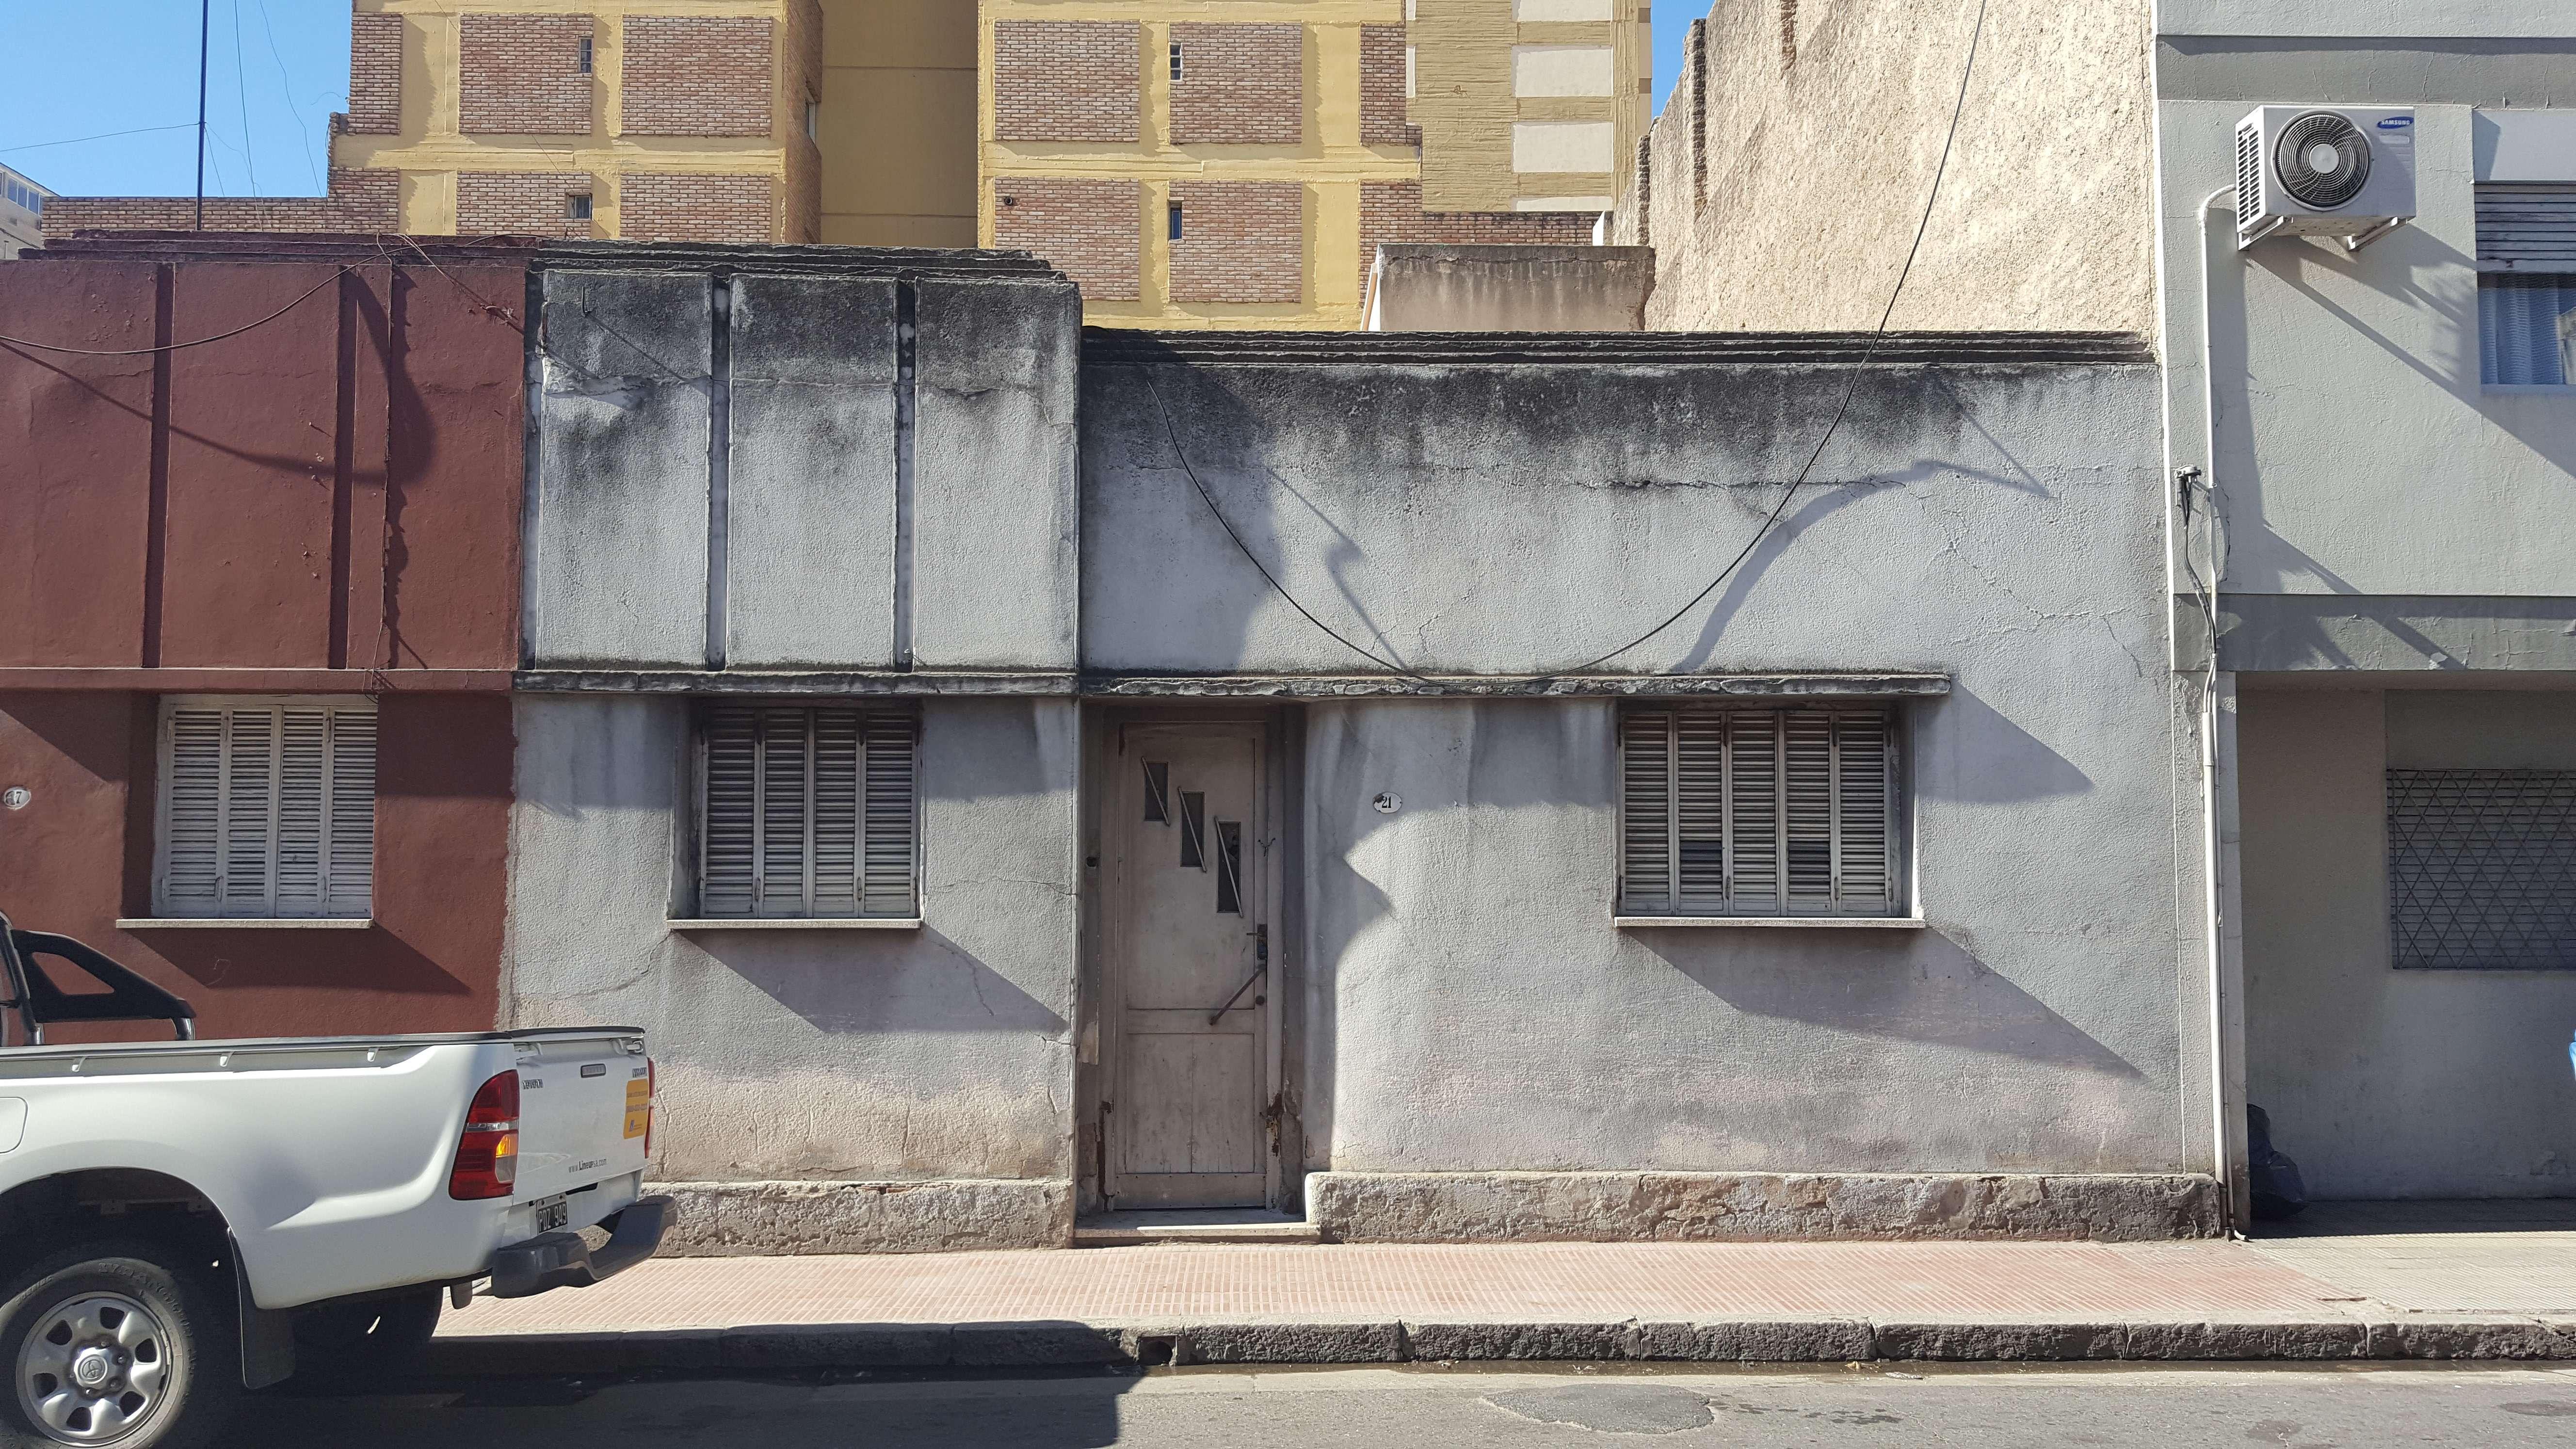 Centro Mariano Moreno 21 - Excel Oportun